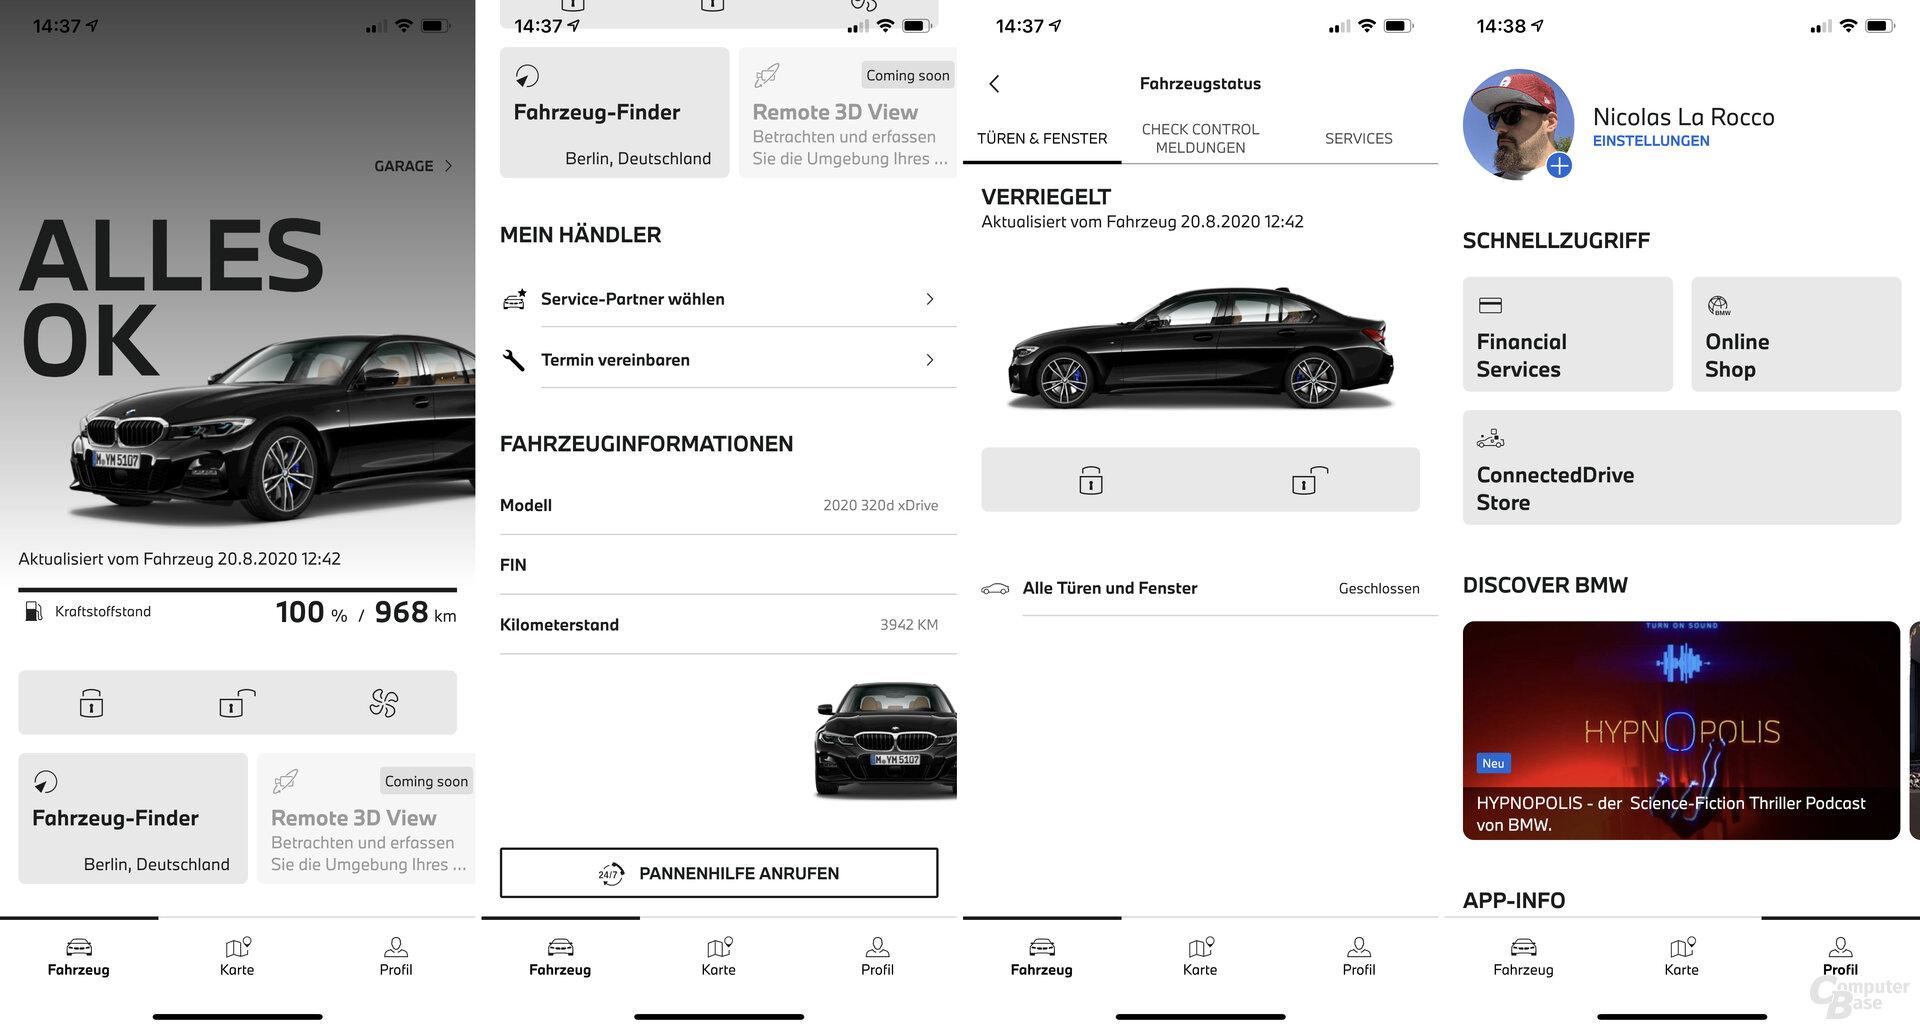 Screenshots aus der neuen My BMW App